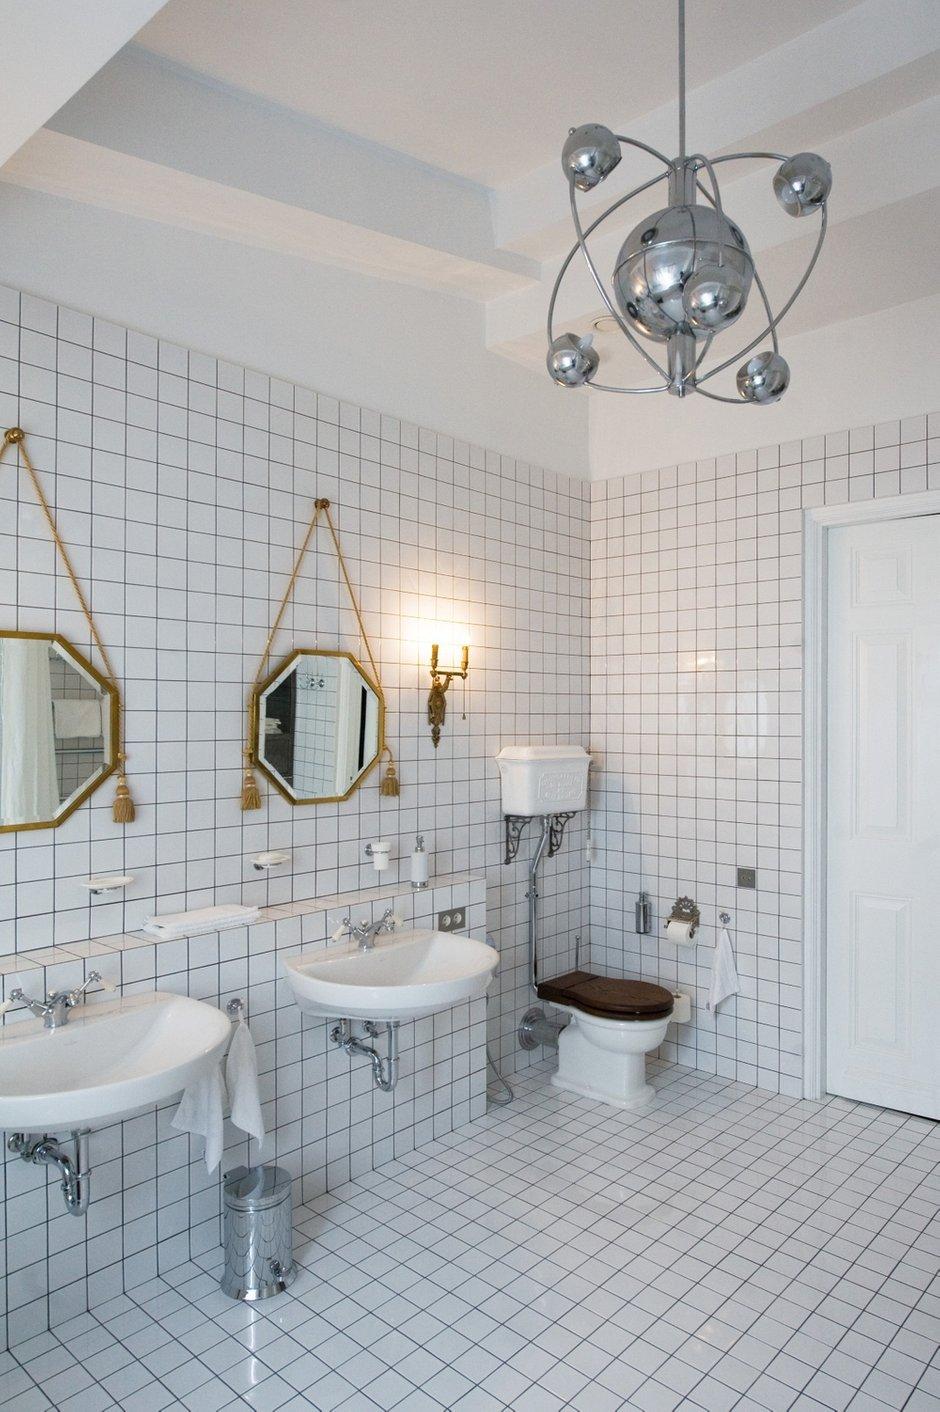 Фотография: Ванная в стиле , Интерьер комнат, Цвет в интерьере, Белый, Проект недели, Ар-деко – фото на INMYROOM